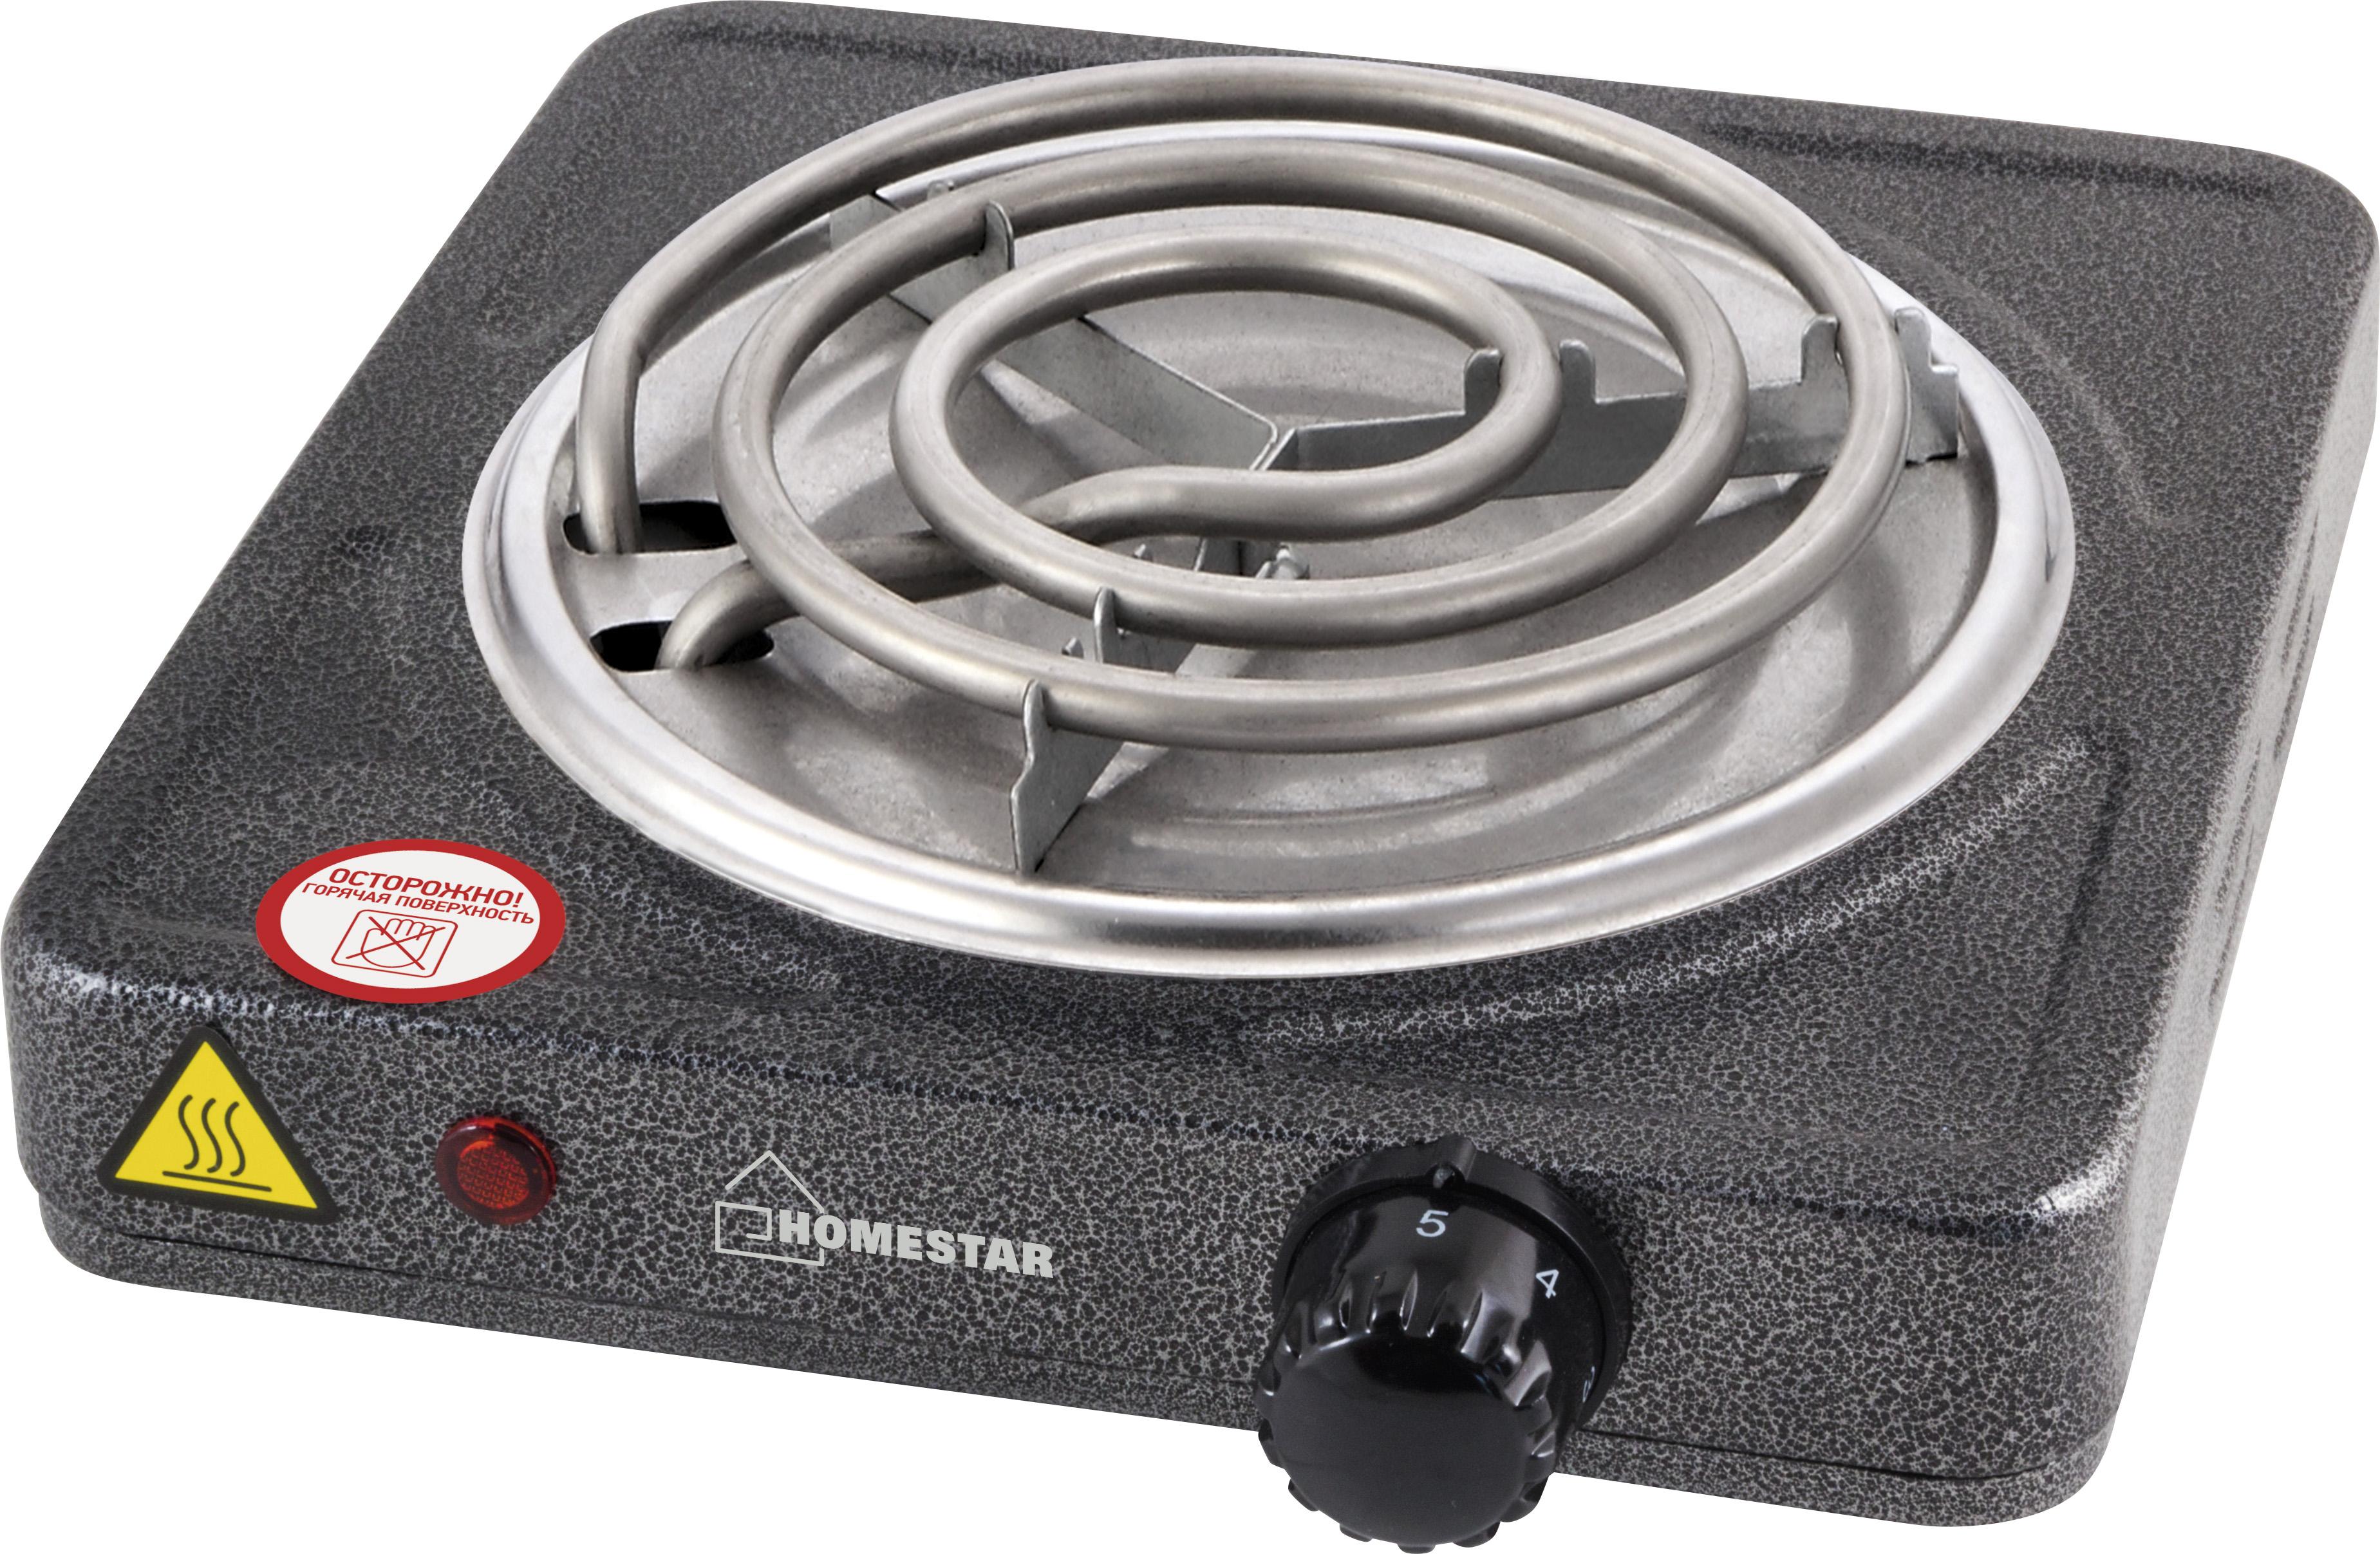 HomeStar HS-1103 настольная плита3046Мощность: 1000 Вт Размер конфорки: 140 мм Материал конфорки: ТЭН Световой индикатор работы Защита от перегрева Состав: металл, пластик, кабель